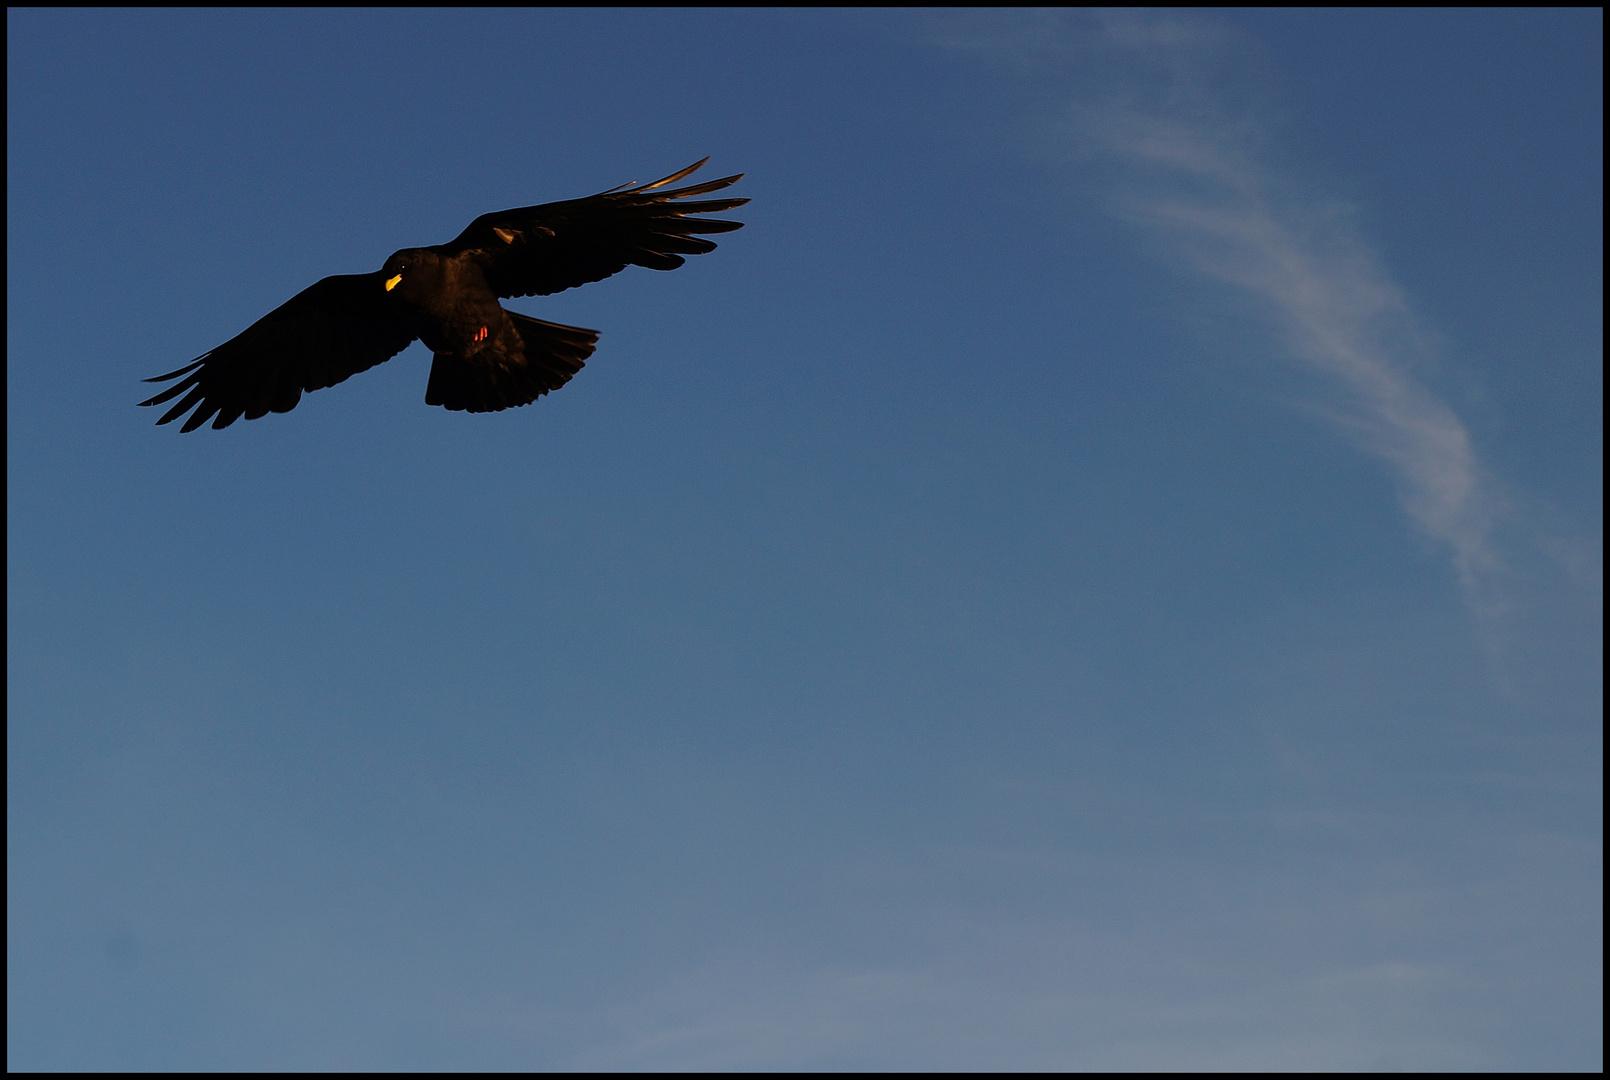 Der zahme Vogel singt von Freiheit doch der wilde Vogel fliegt